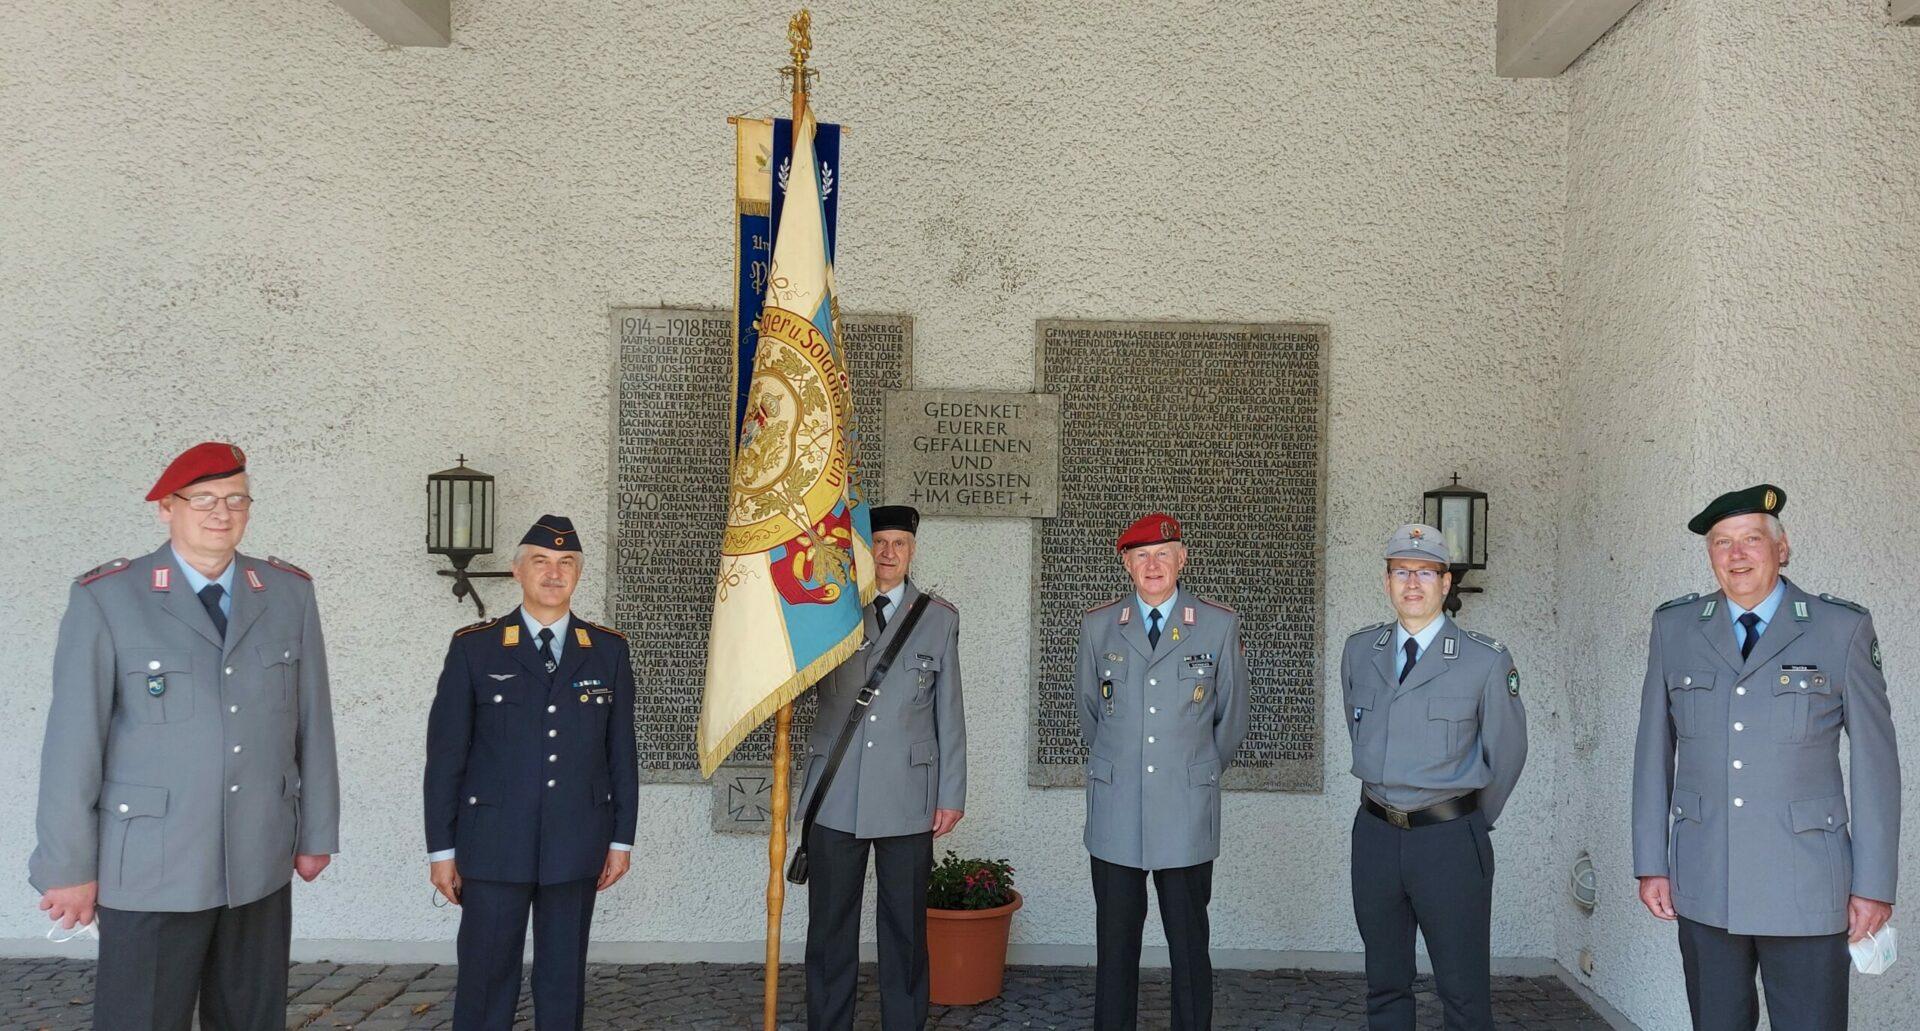 KSV-Ismaning, Krieger-Soldaten-Verein-Ismaning